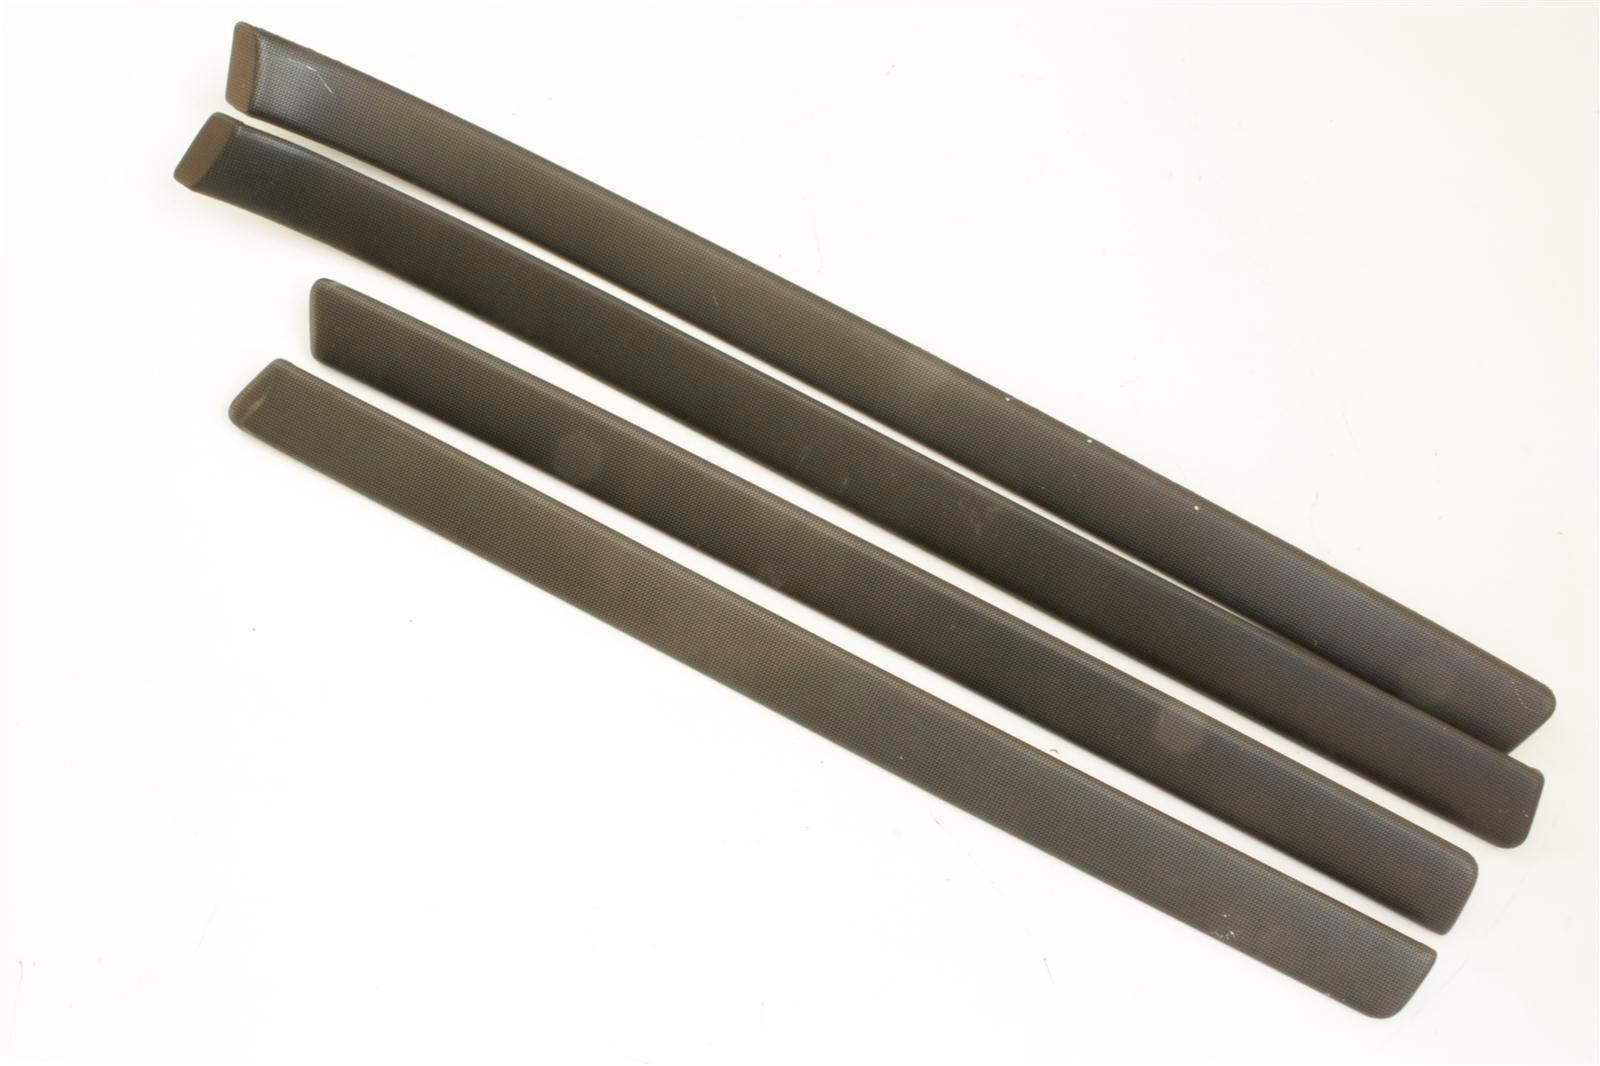 Audi A4/S4 B5 Blenden Aluminium Türen 8D0867409A & 8D0867410A & 8D0867419A & 8D0867420A